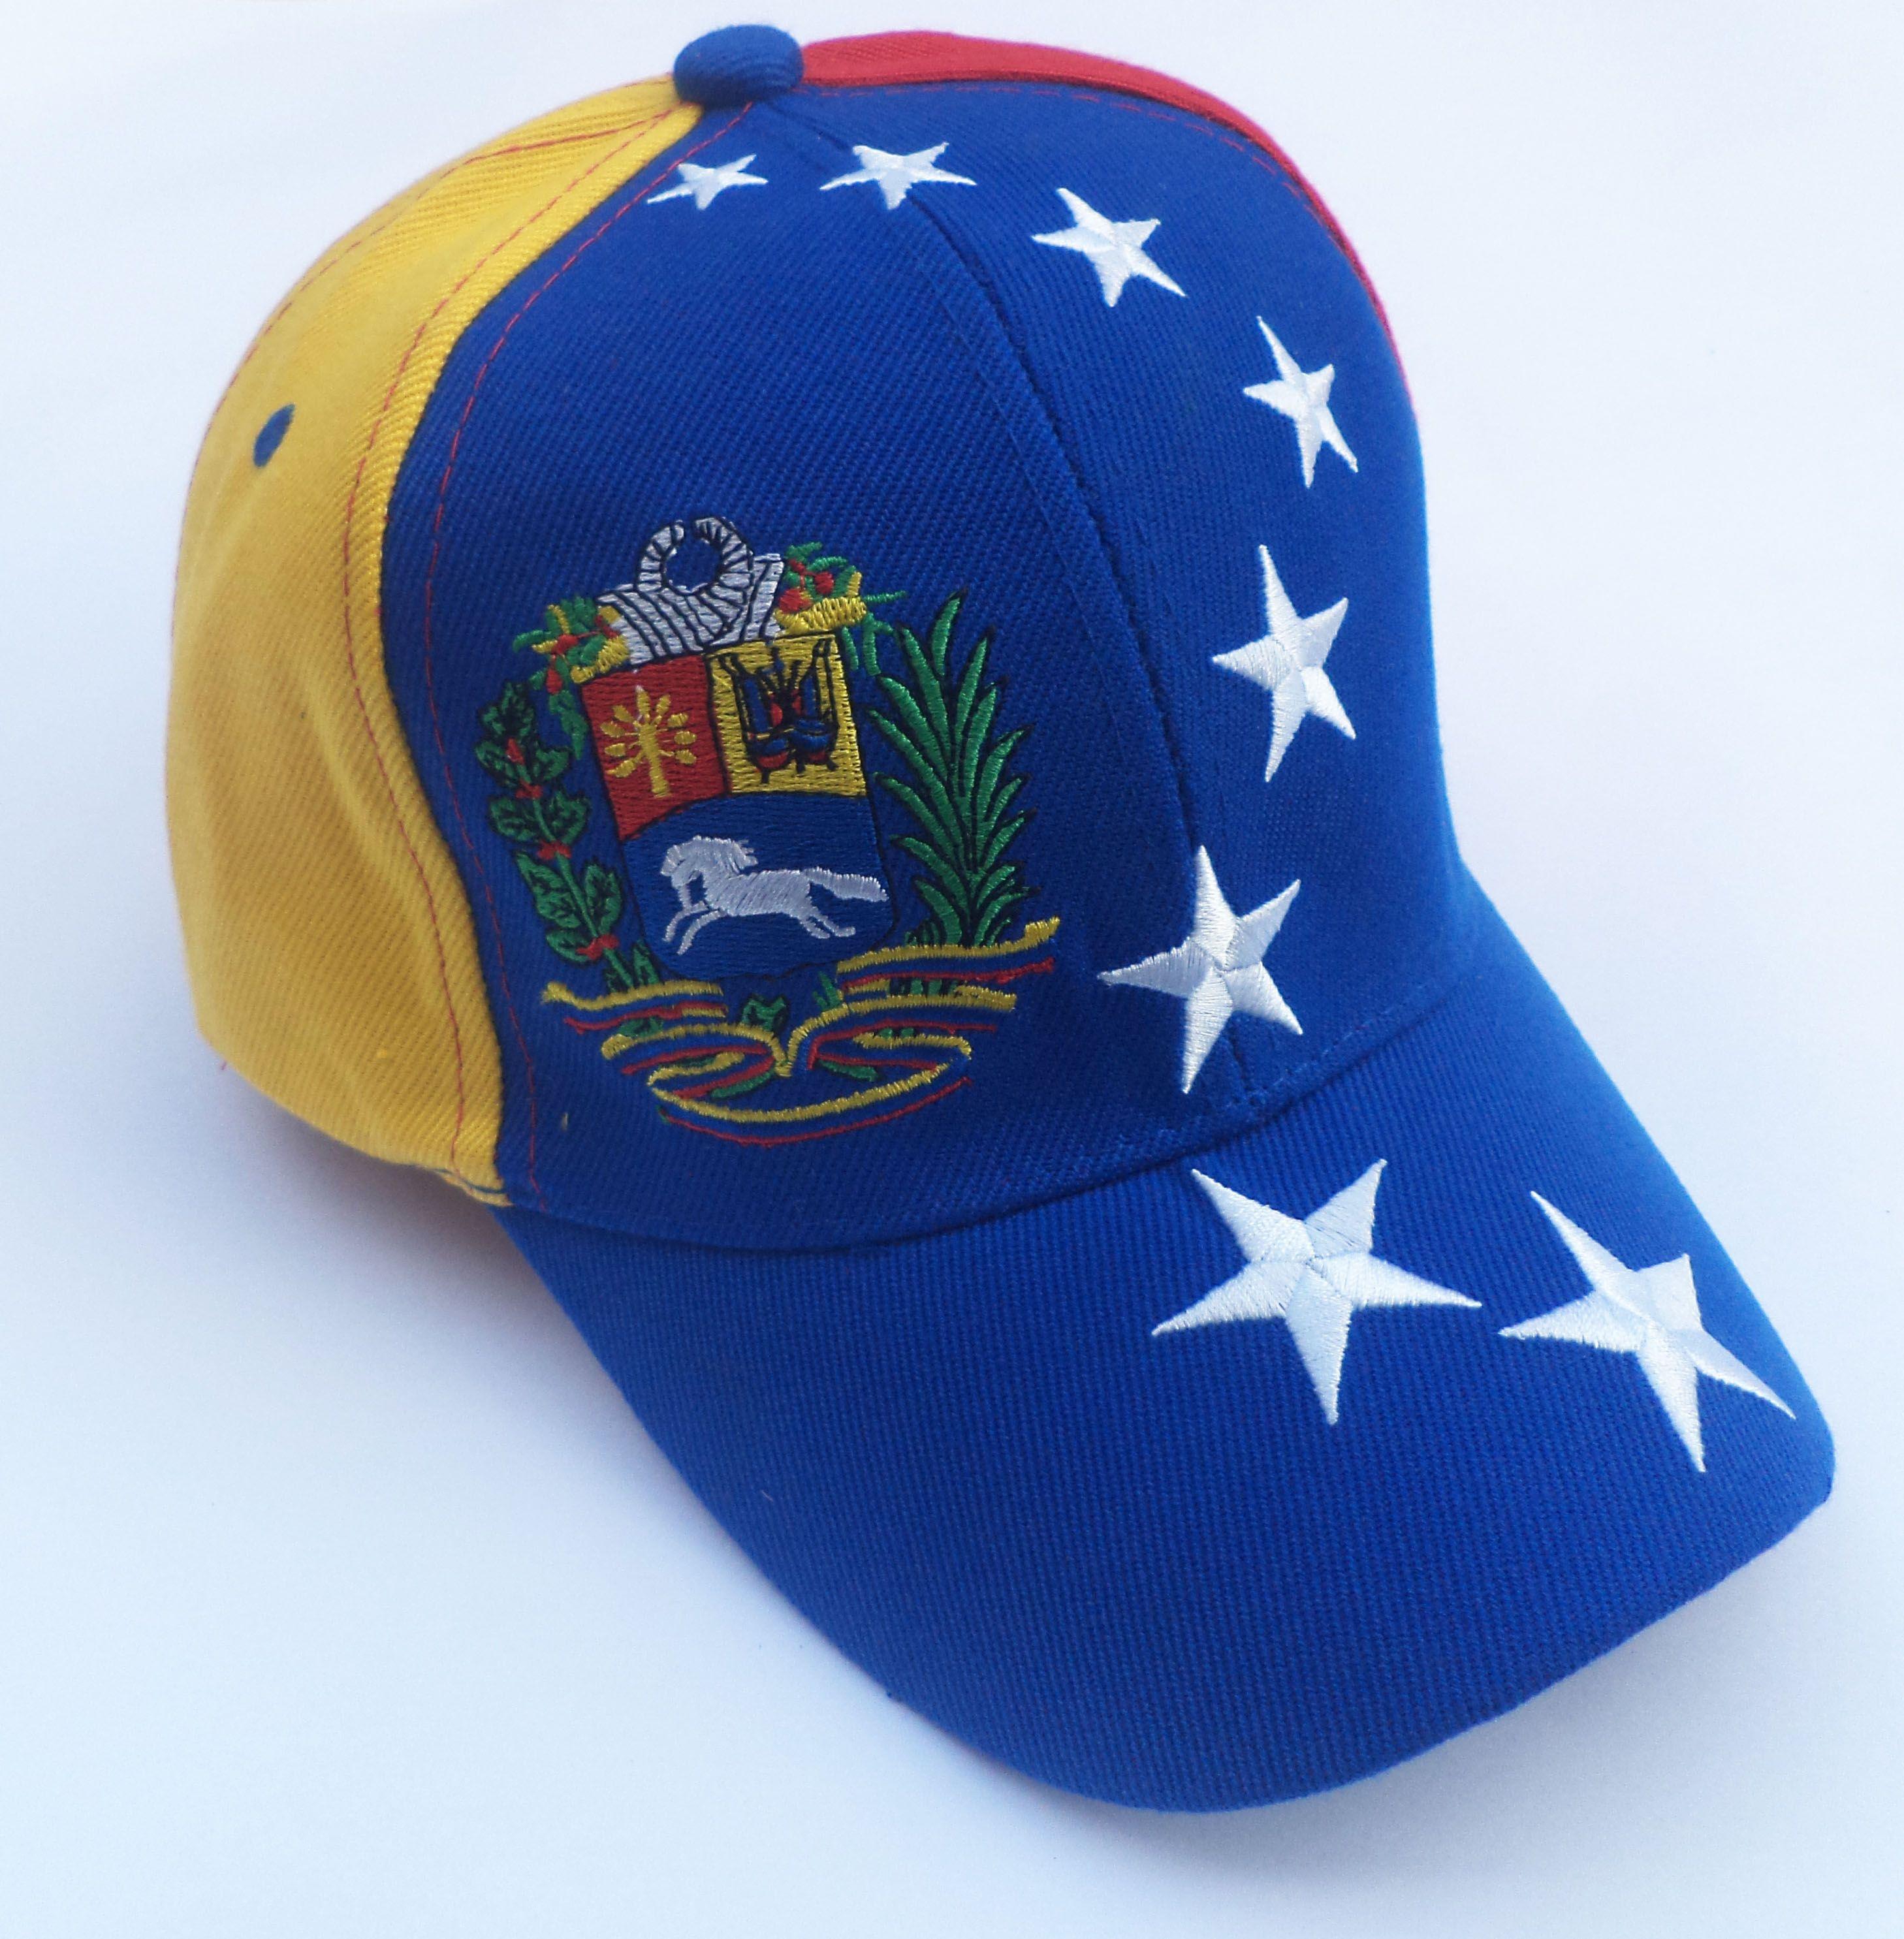 Gorra Venezuela ahora con nuevo diseño 7a227df9f42